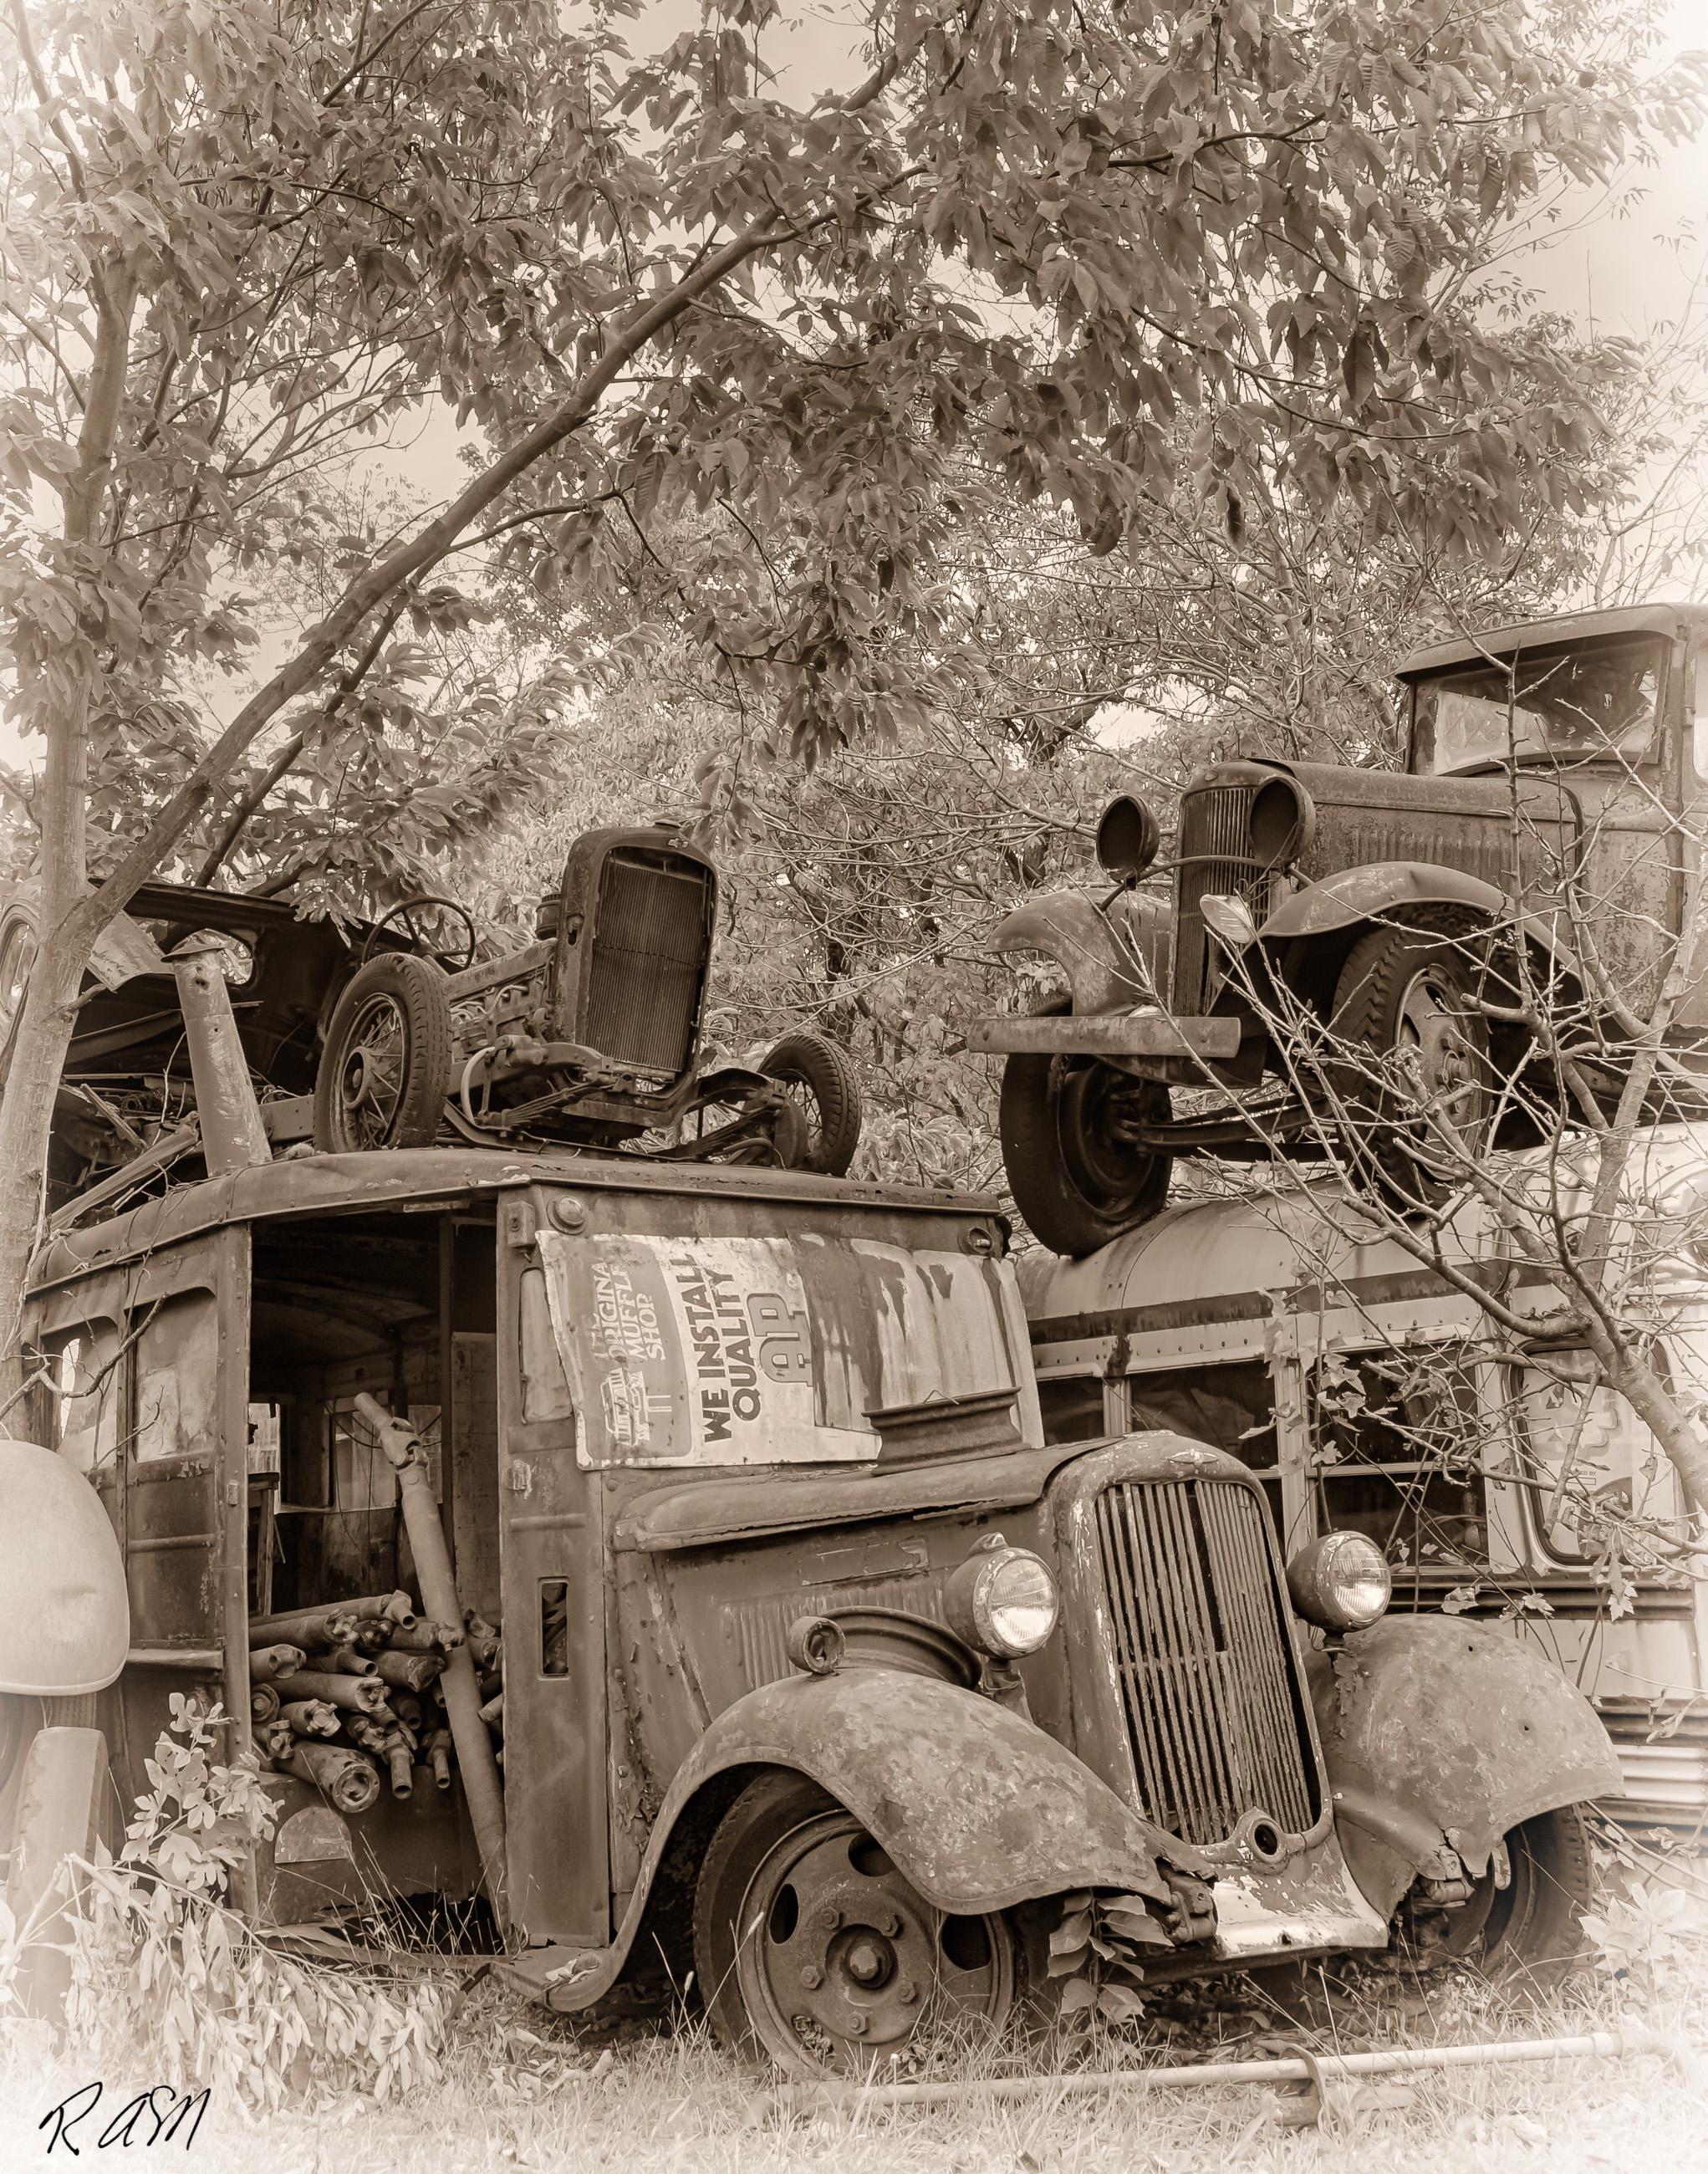 Abandoned-Cars-3